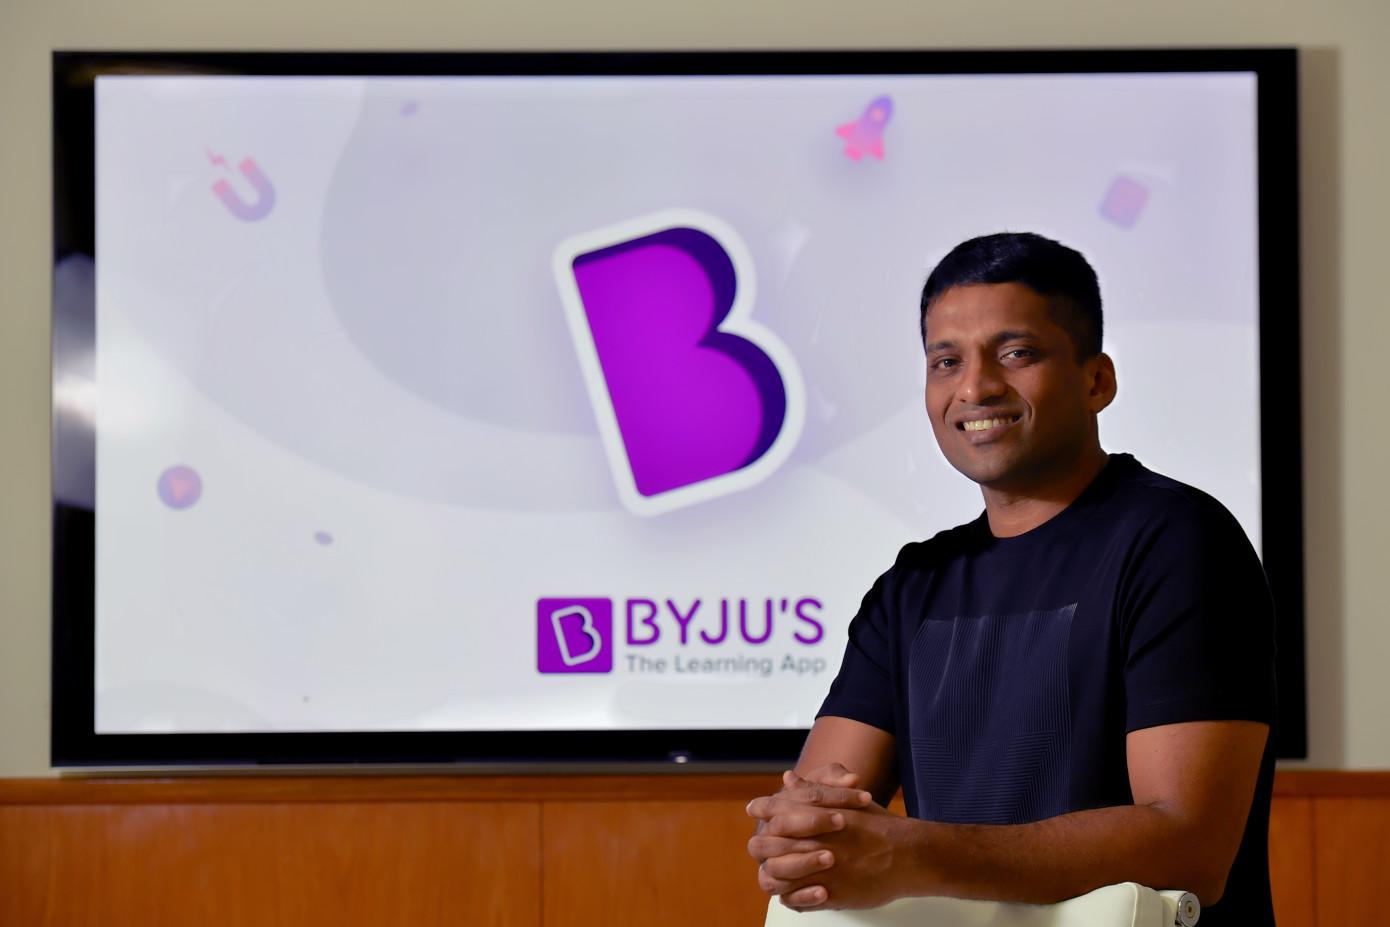 印度在线教育独角兽Byju's迎来新投资者,目前估值111亿美元